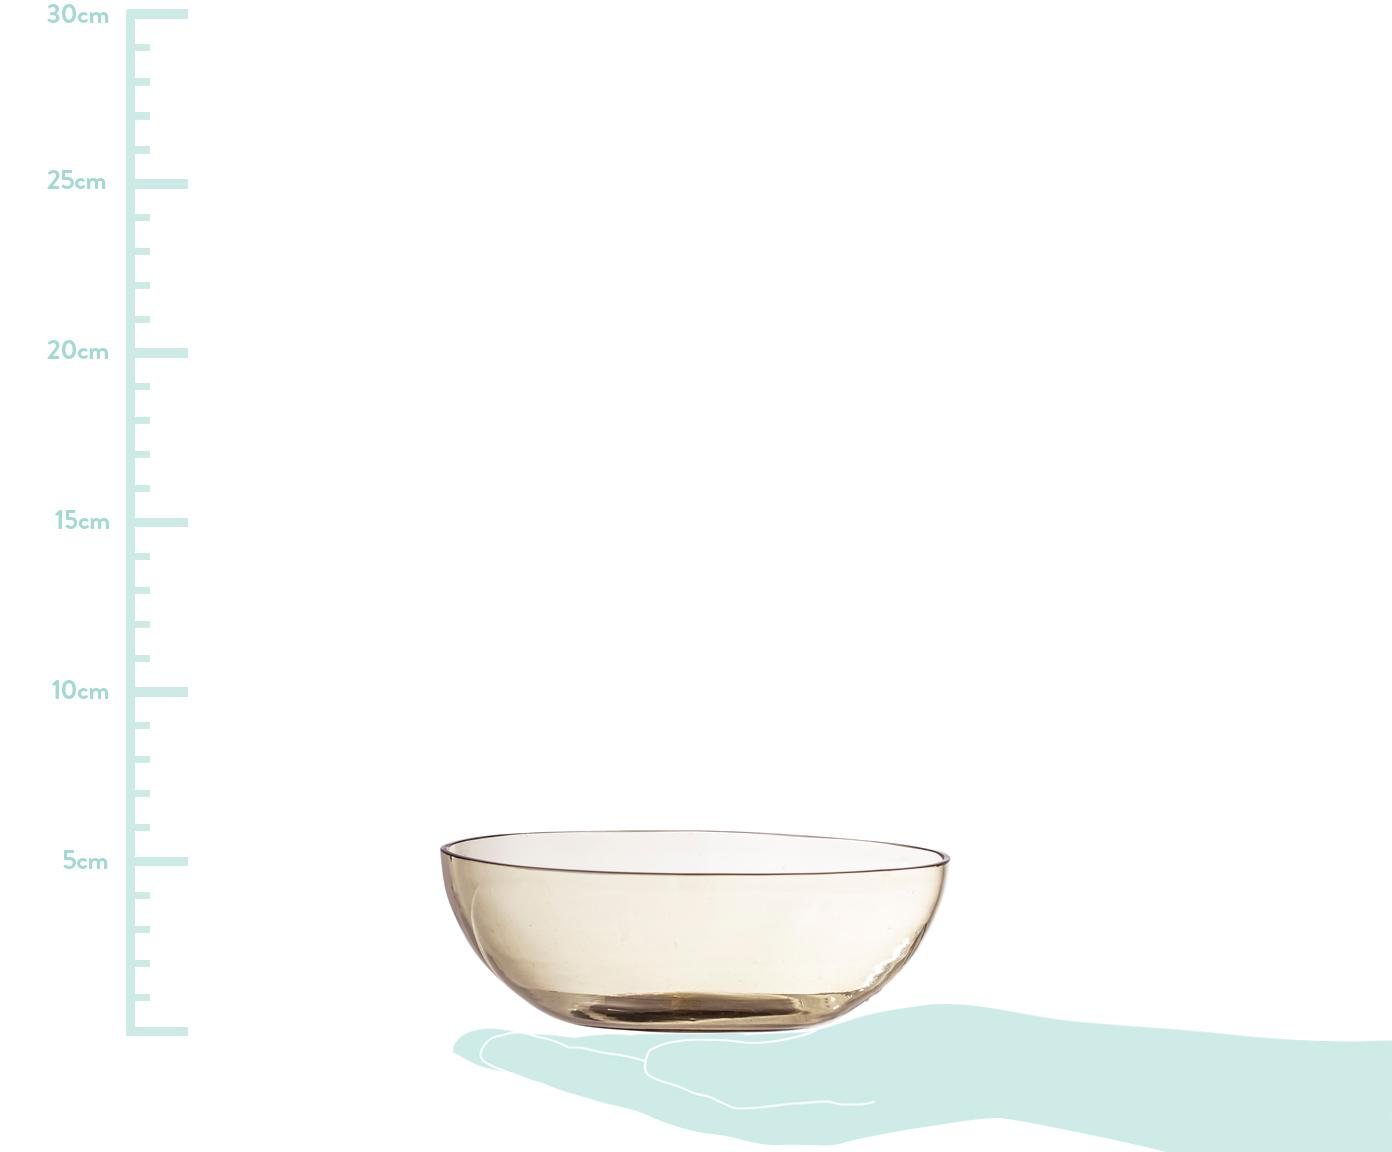 Miska z recyklovaného skla Casie, Hnědá, transparentní